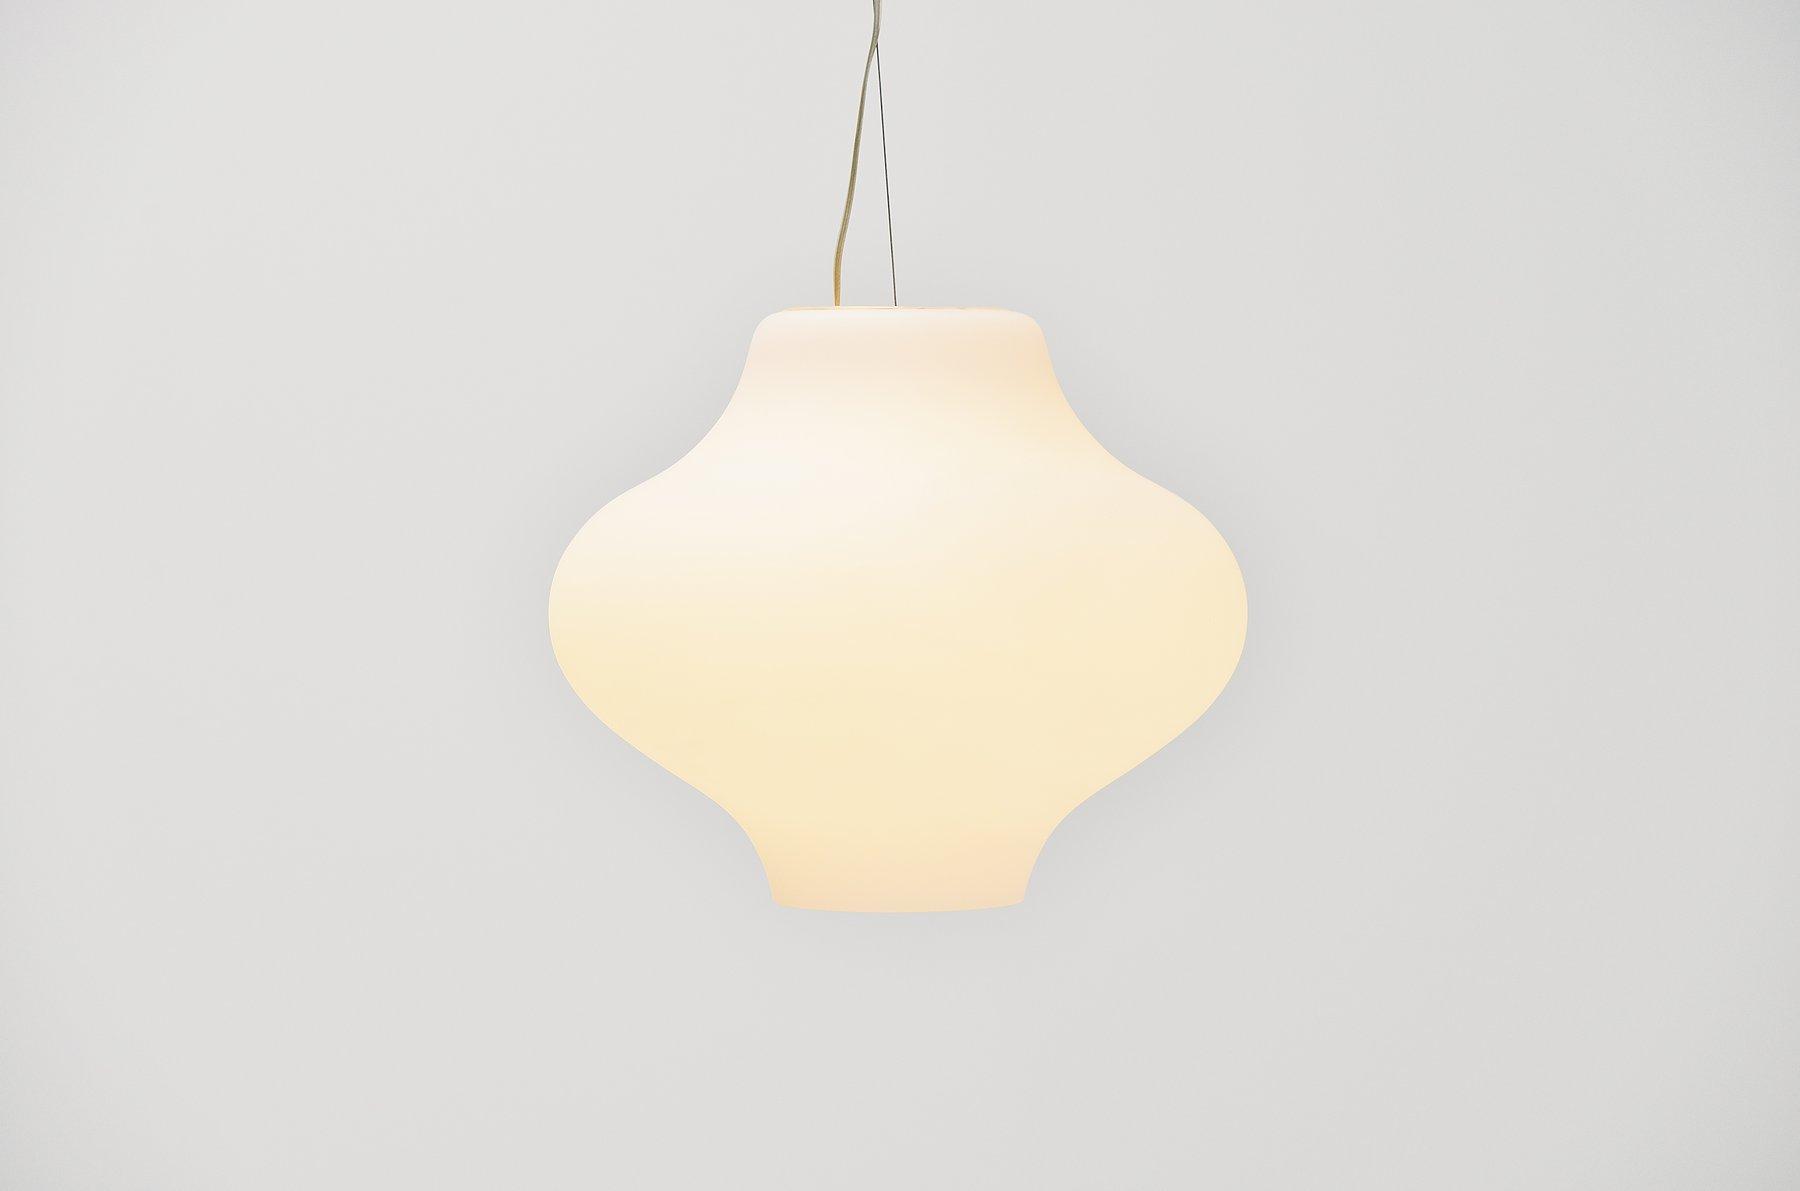 Paolo Rizzatto Cina Pendant Lamp Arteluce 1982